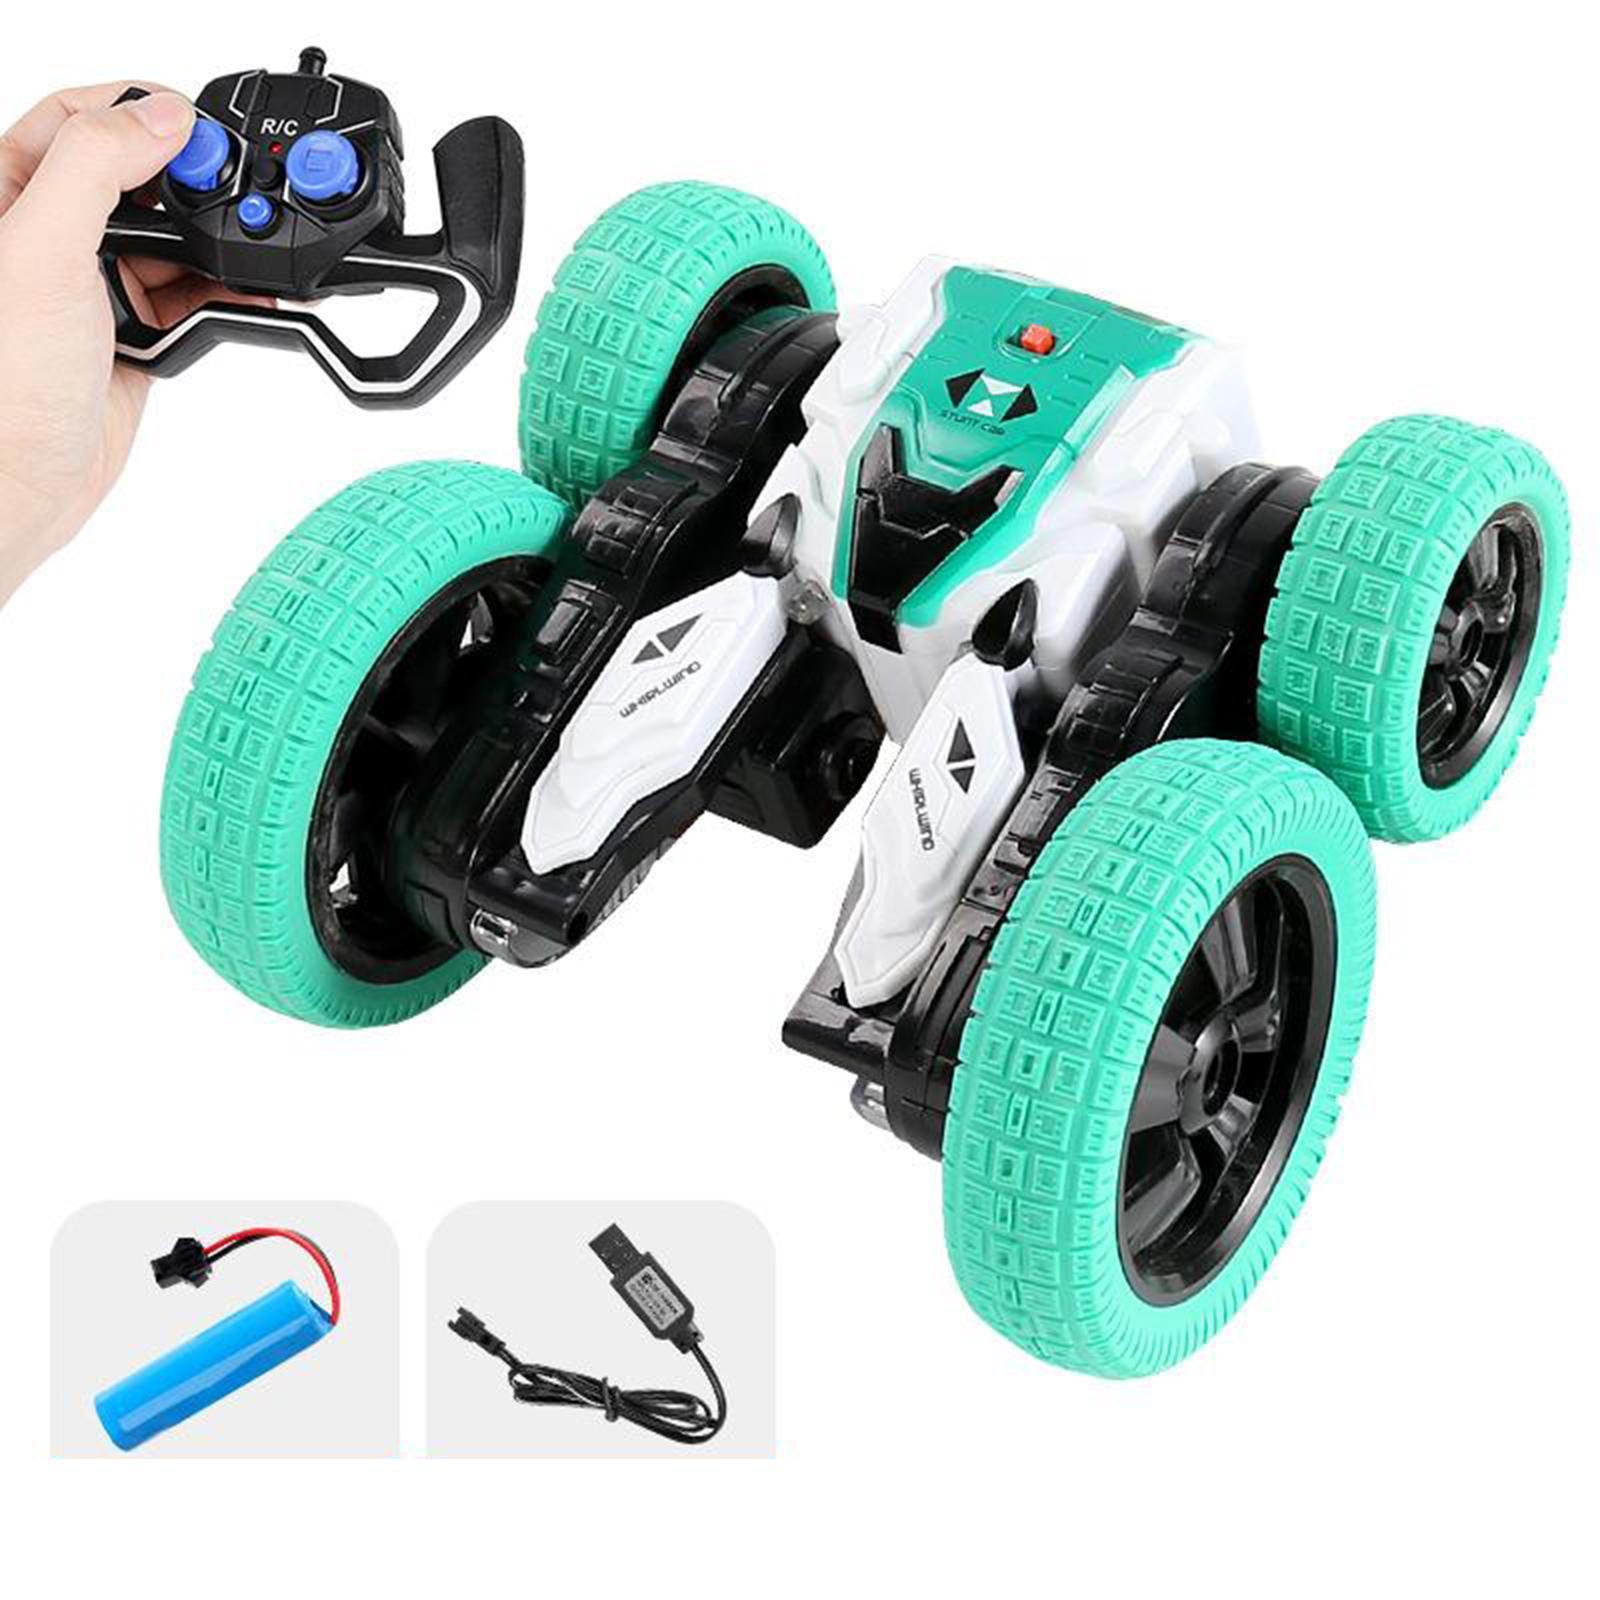 miniatura 24 - Telecomando Auto Stunt Car Giocattolo Per Bambini 2.4GHz di Controllo Remoto